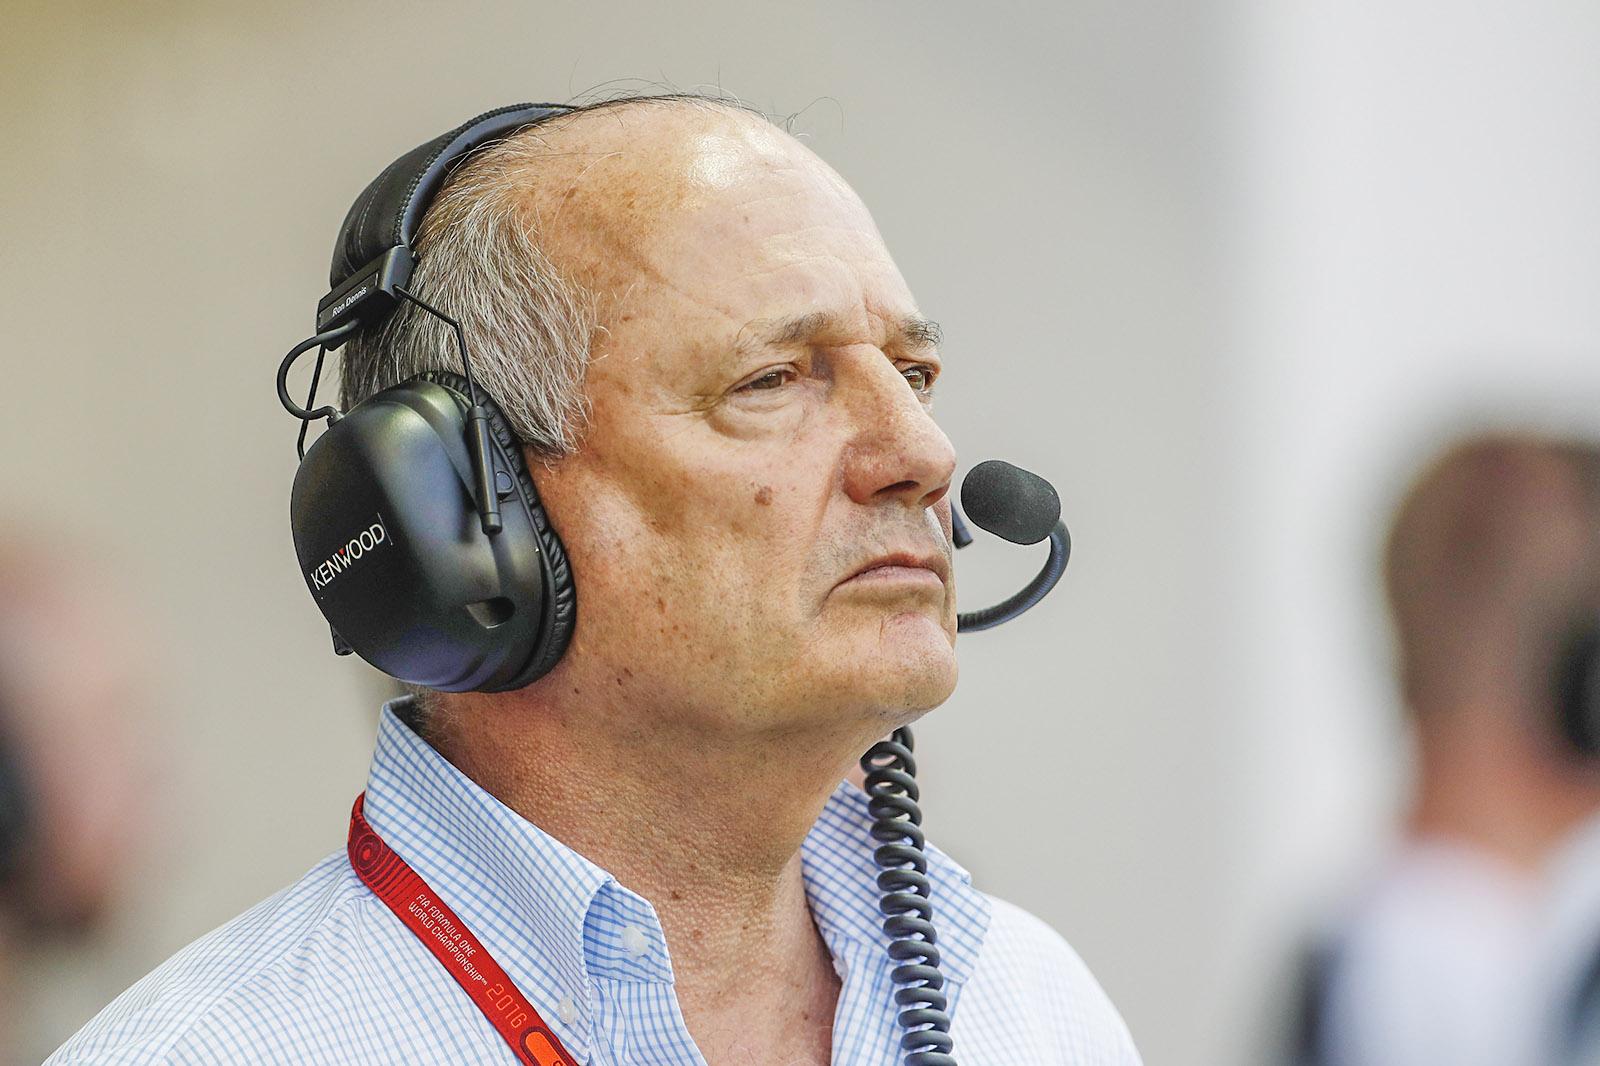 Высокие и низкие времена Рона Денниса в McLaren